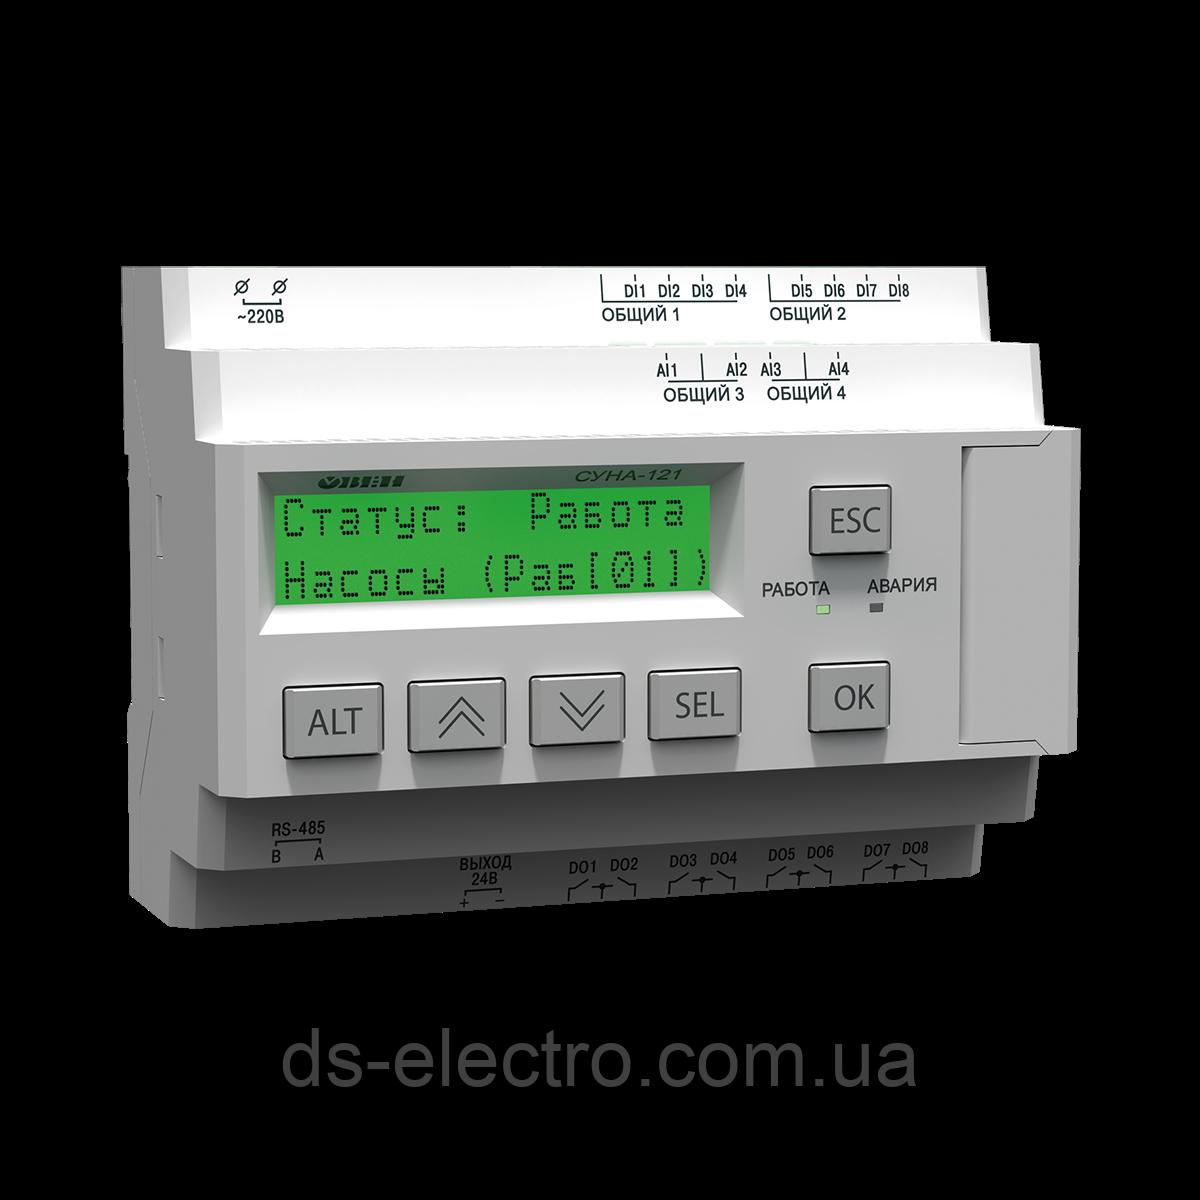 СУНА-121 контроллер для групп насосов с поддержкой датчиков 4…20 мА и RS-485